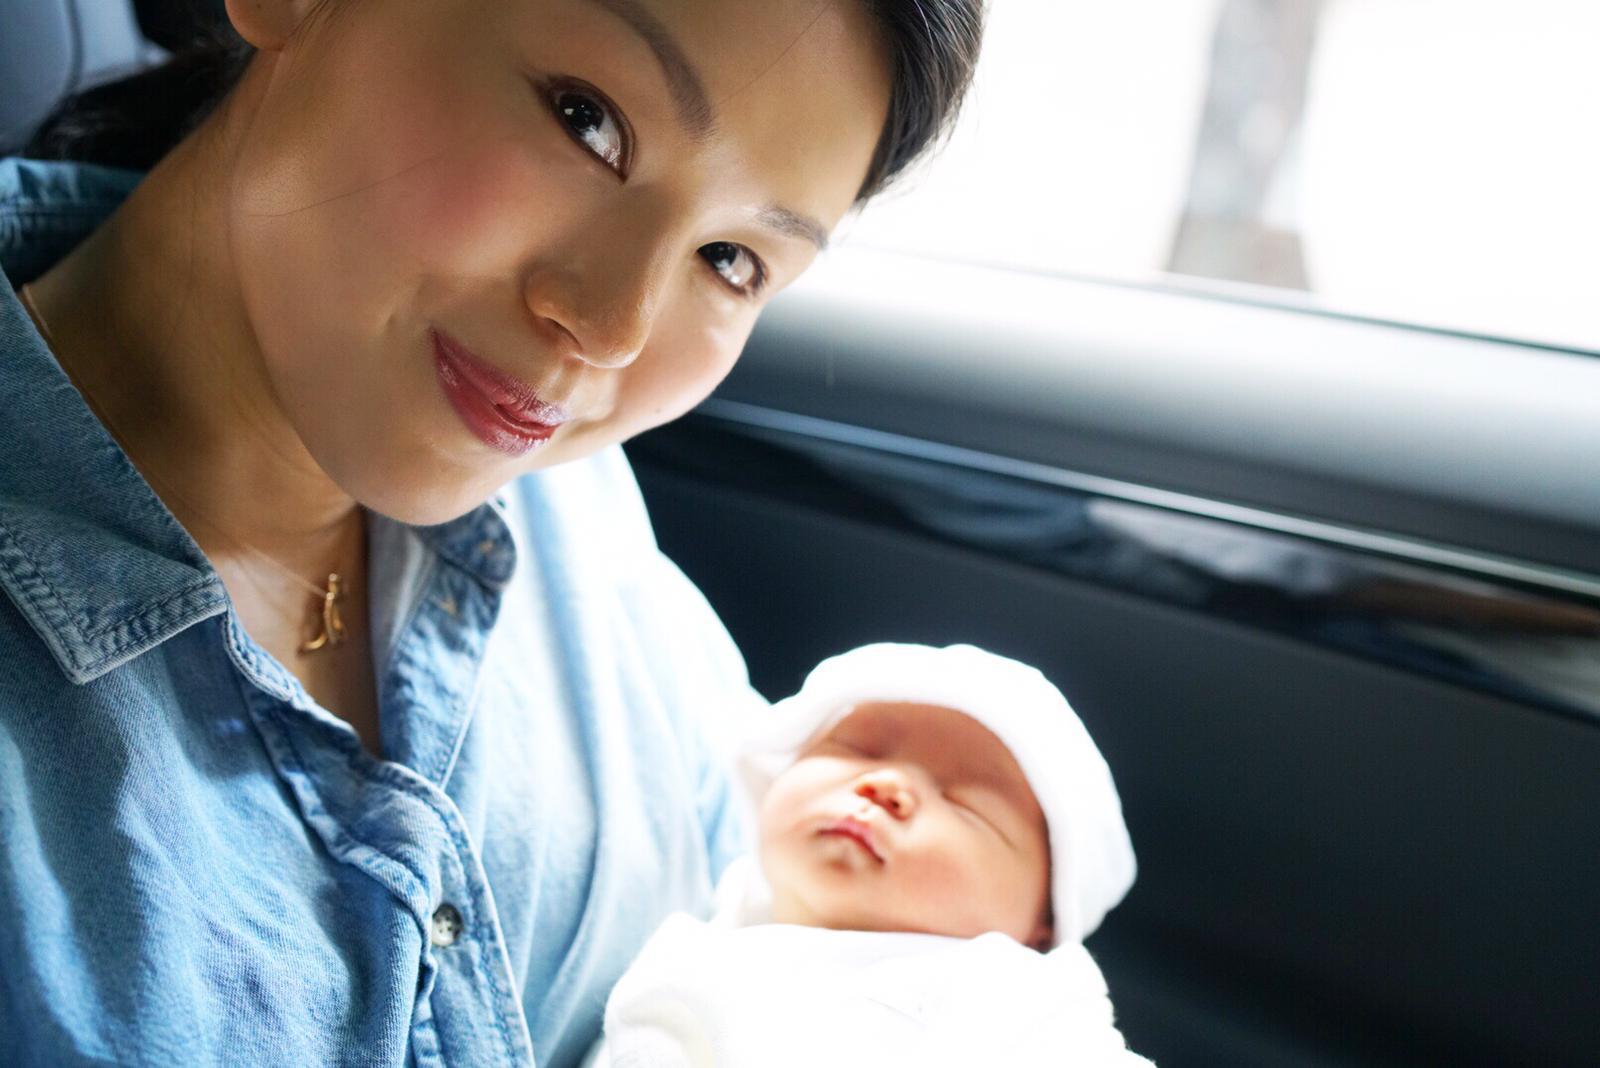 【何嘉莉懷孕週記】我的自然懷孕及人工受孕 (下) | 孕前計劃 - 親子王國